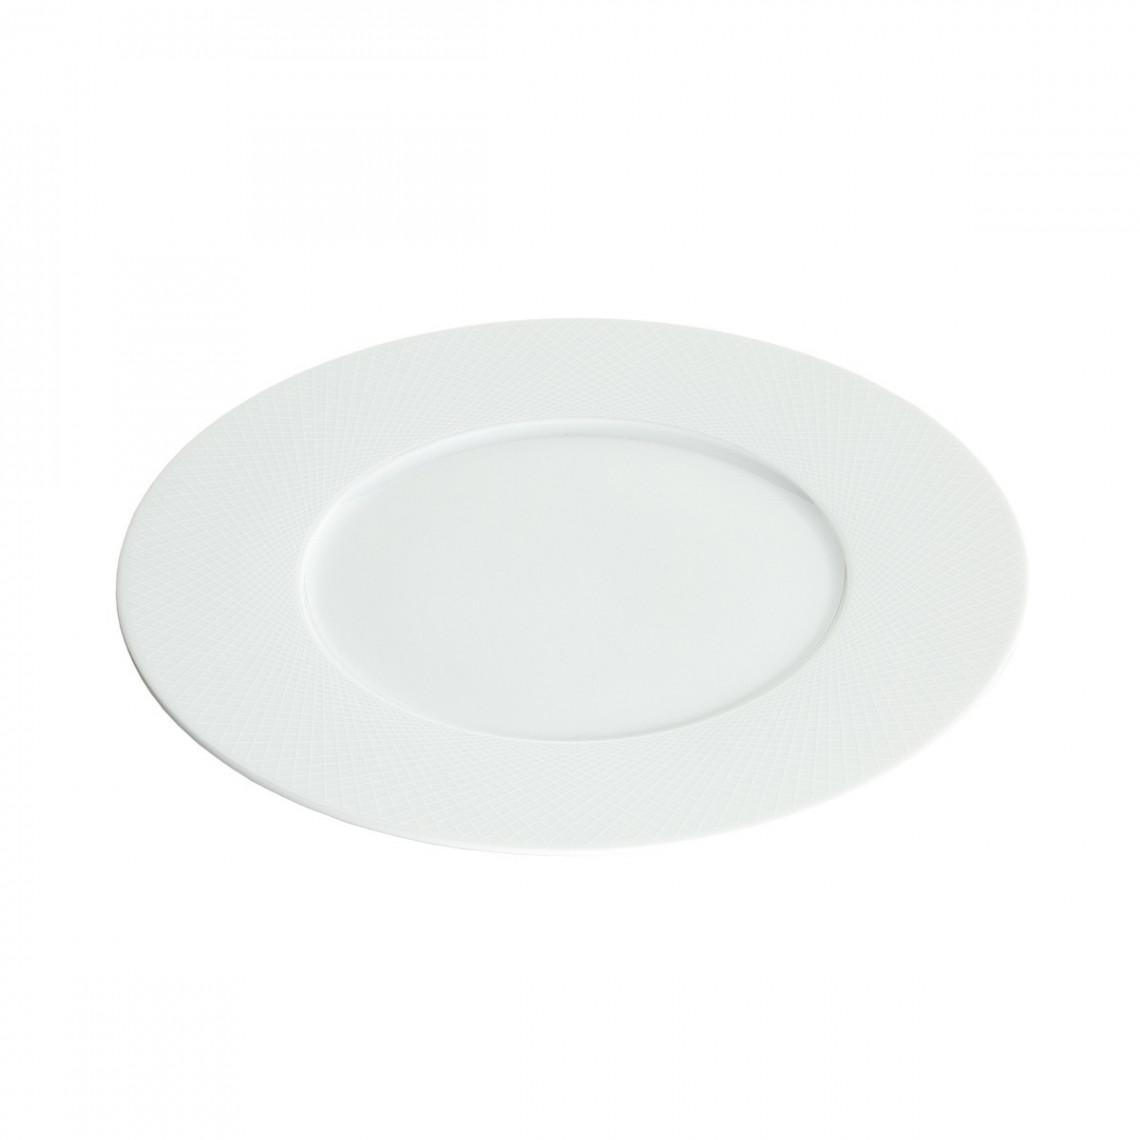 Assiette repas Graphic blanche (Ø28)